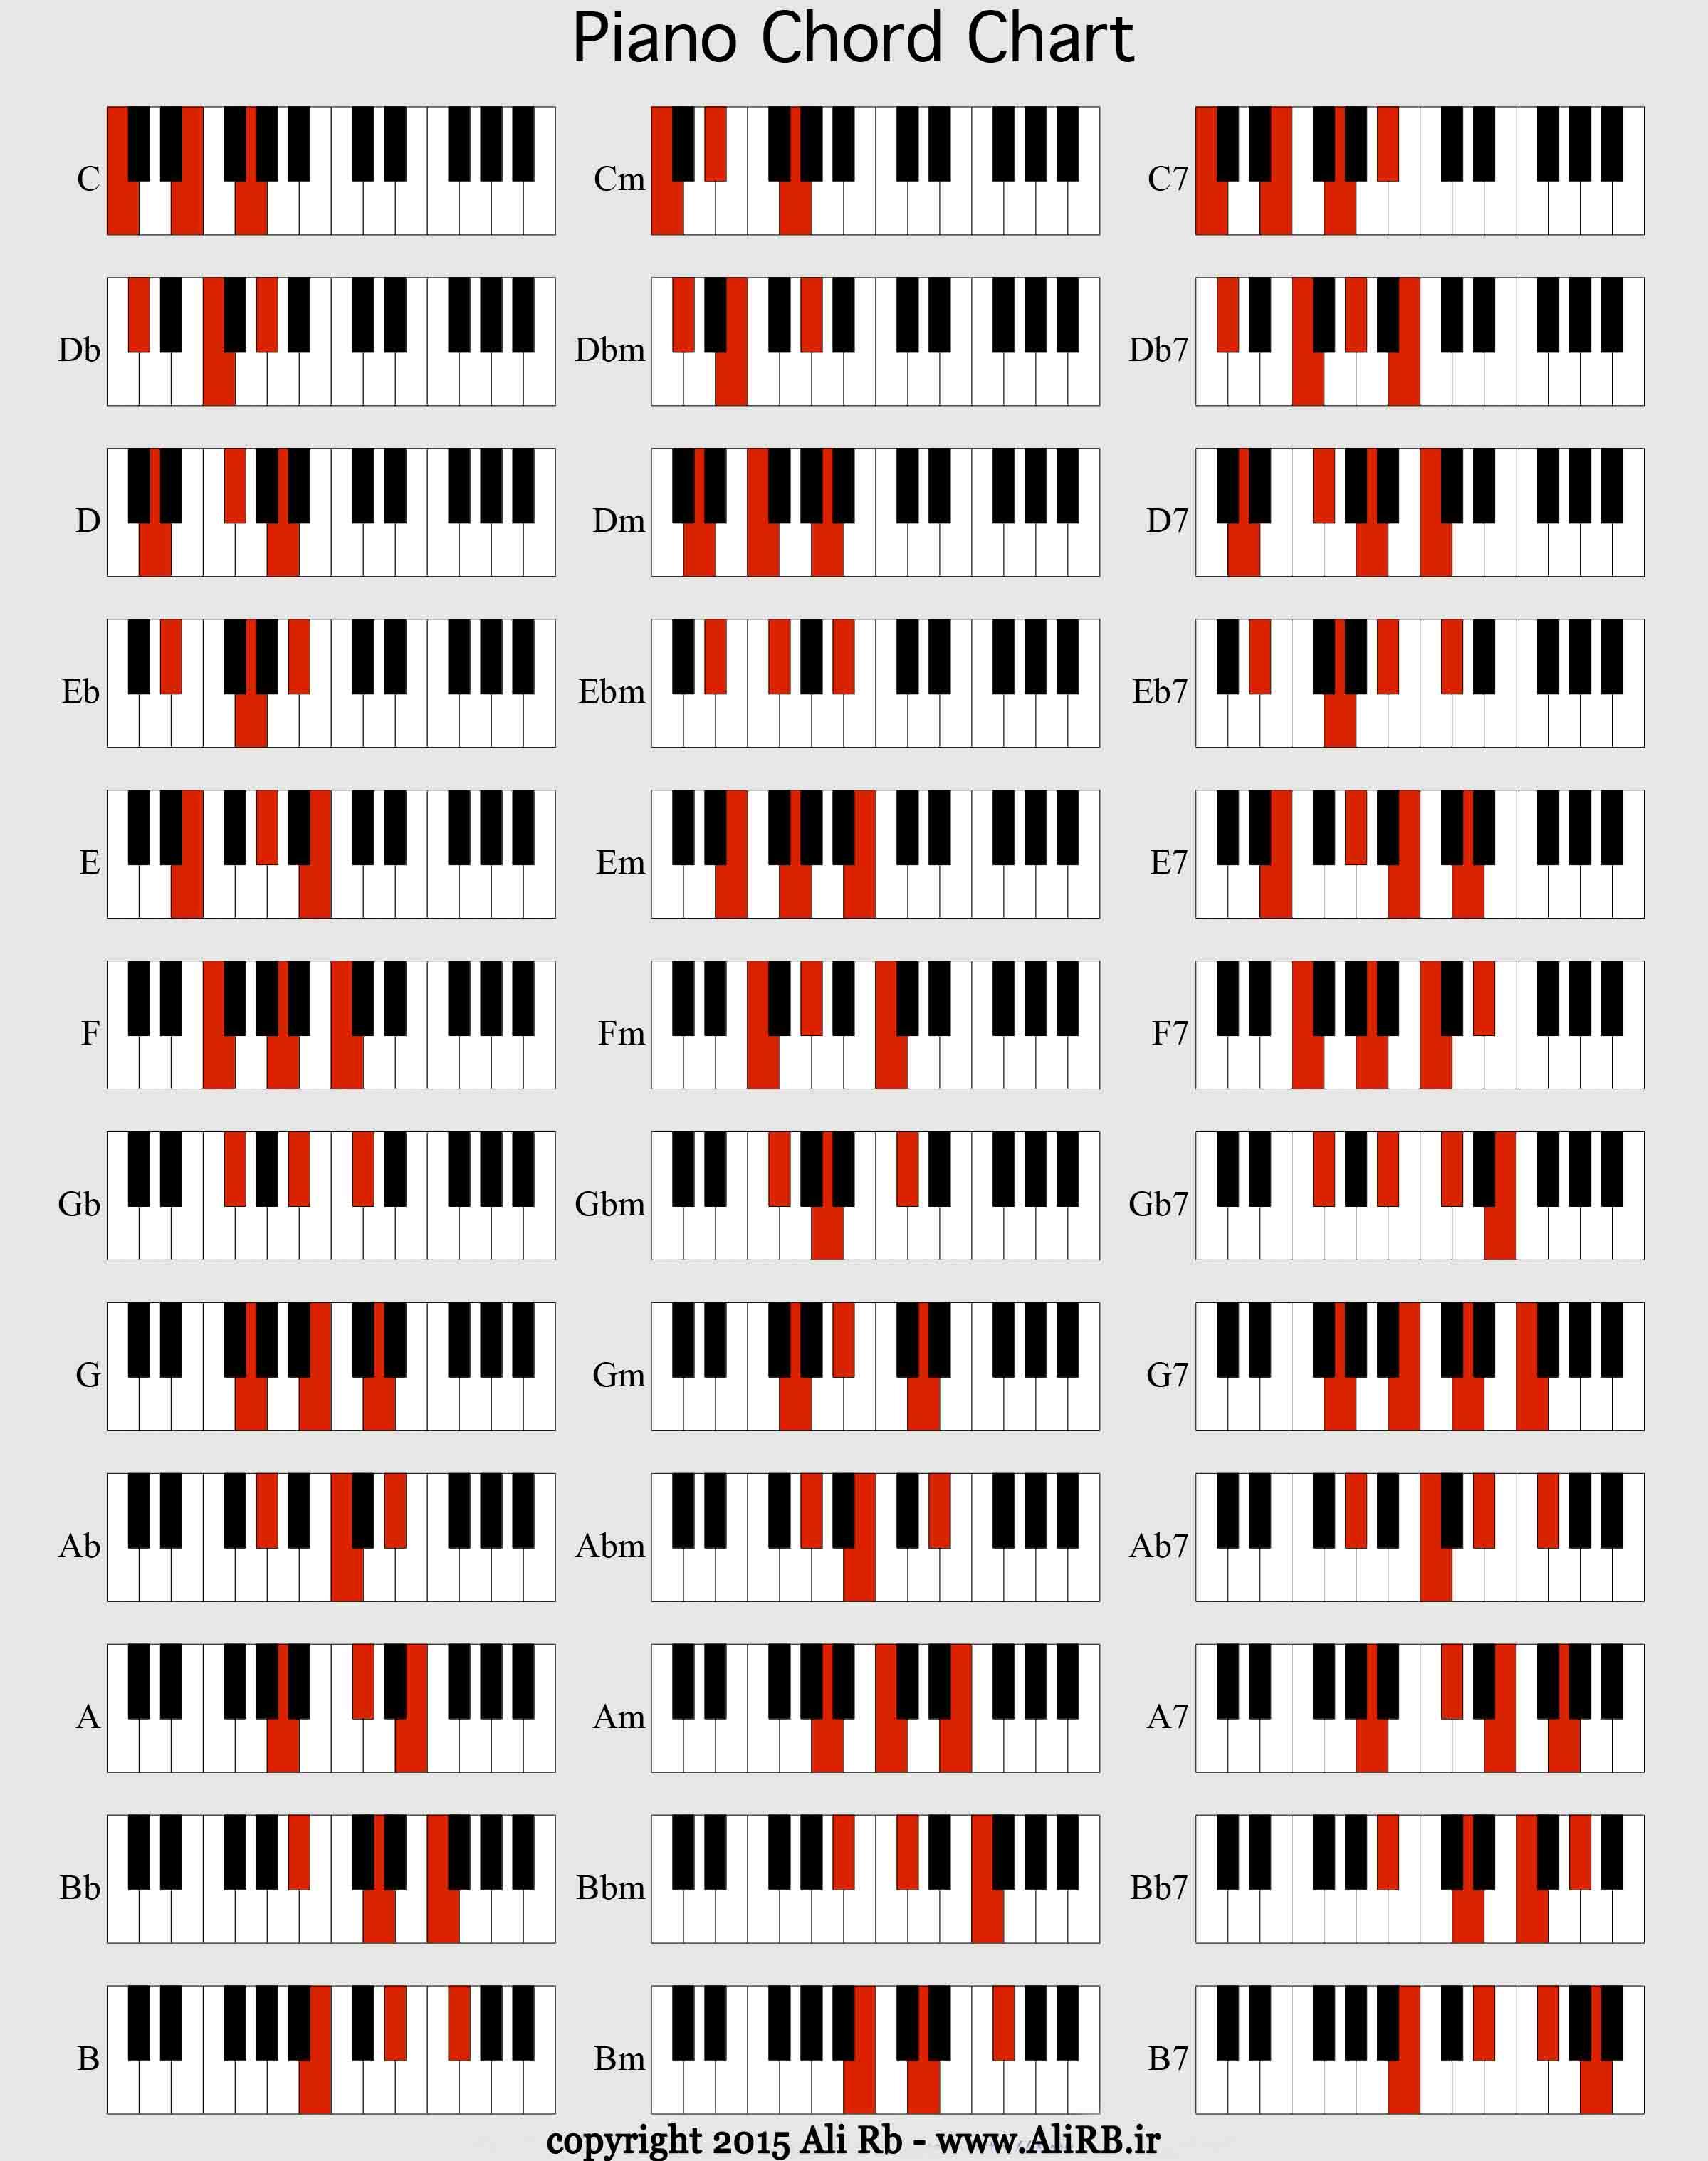 دانلود آهکورد های پیانو و کیبورد